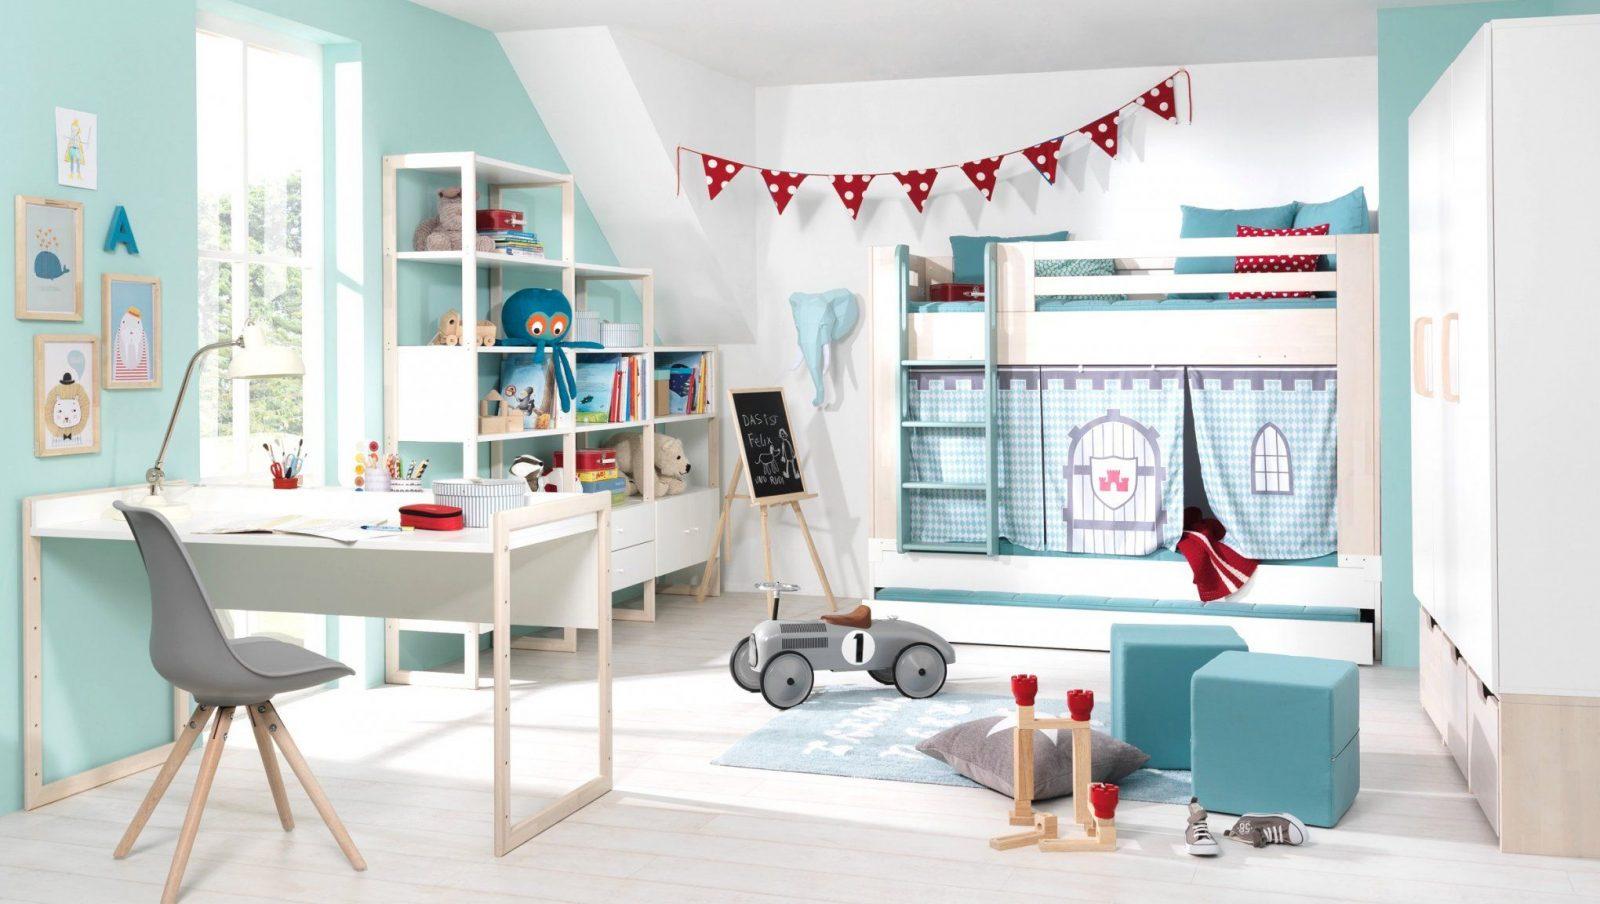 wohnideen kinderzimmer junge idee zusammen einzigartig von. Black Bedroom Furniture Sets. Home Design Ideas